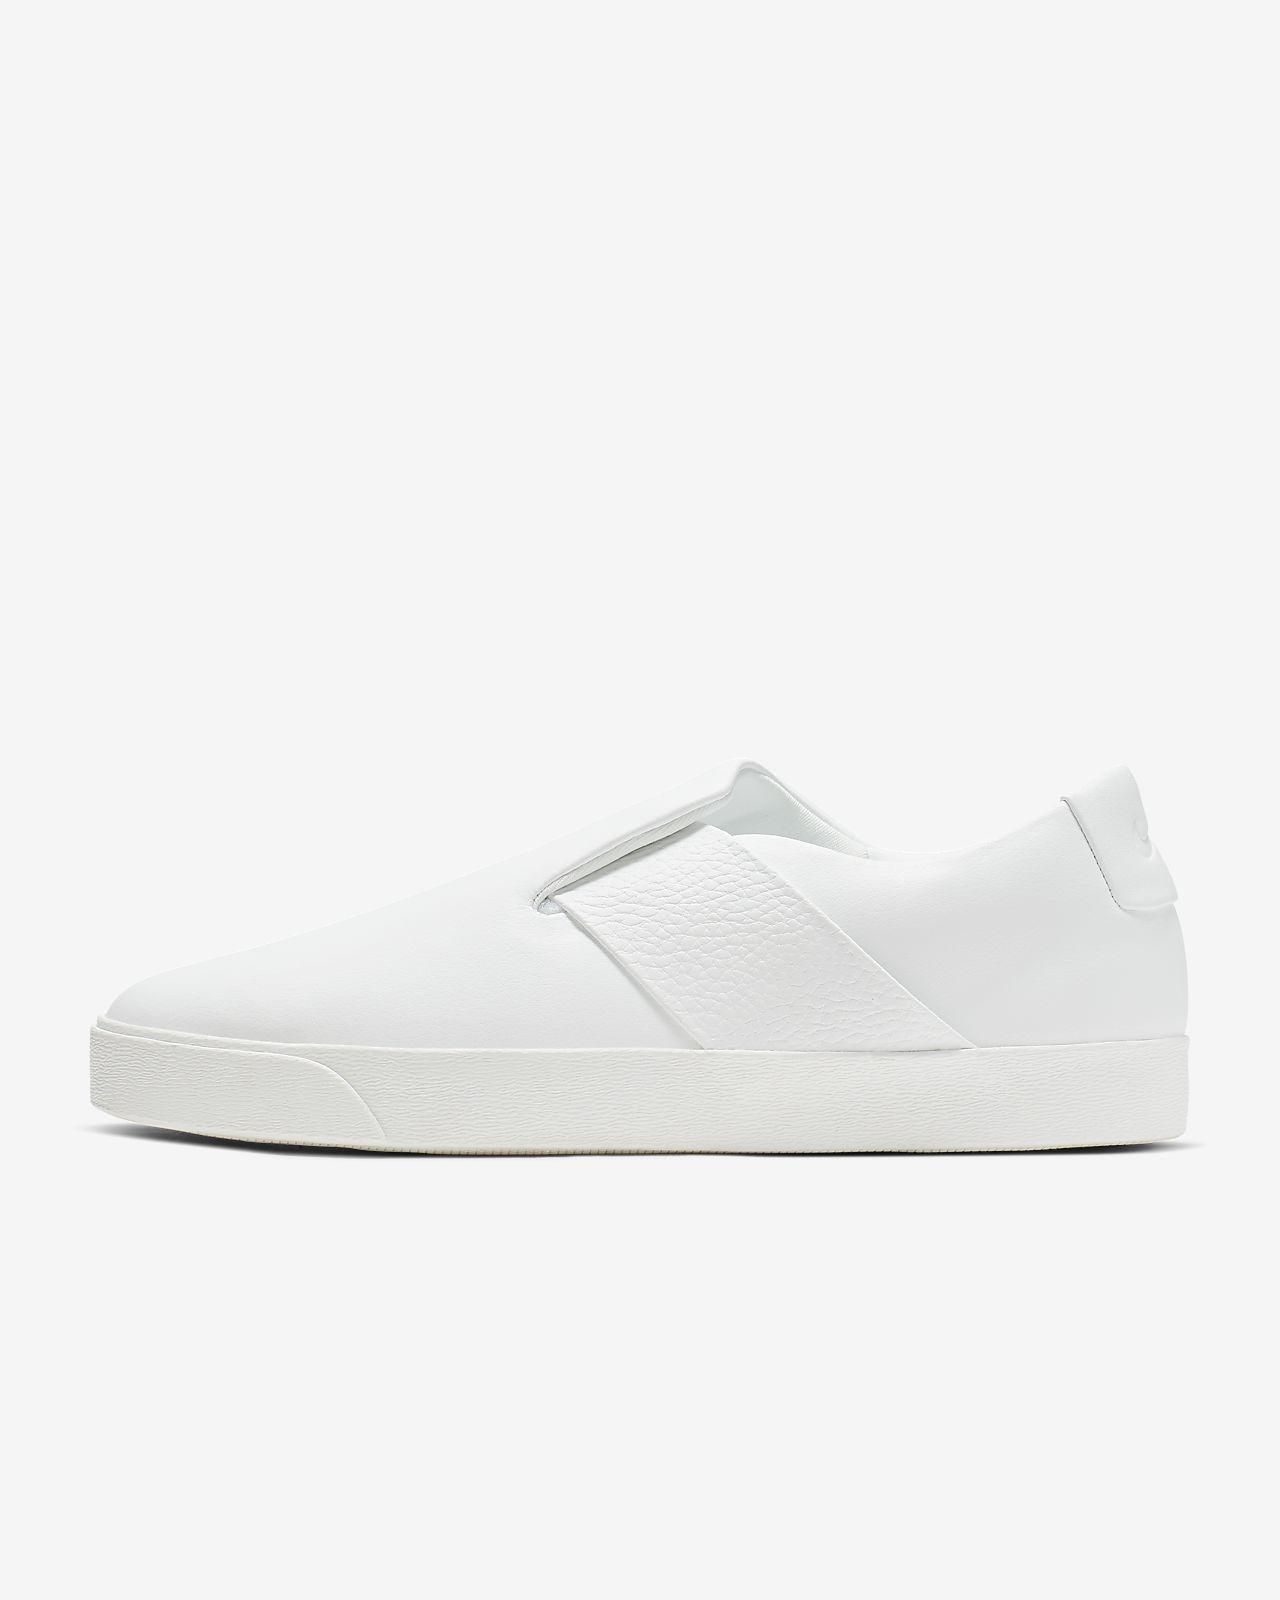 รองเท้าผู้หญิง Nike Blazer City Ease